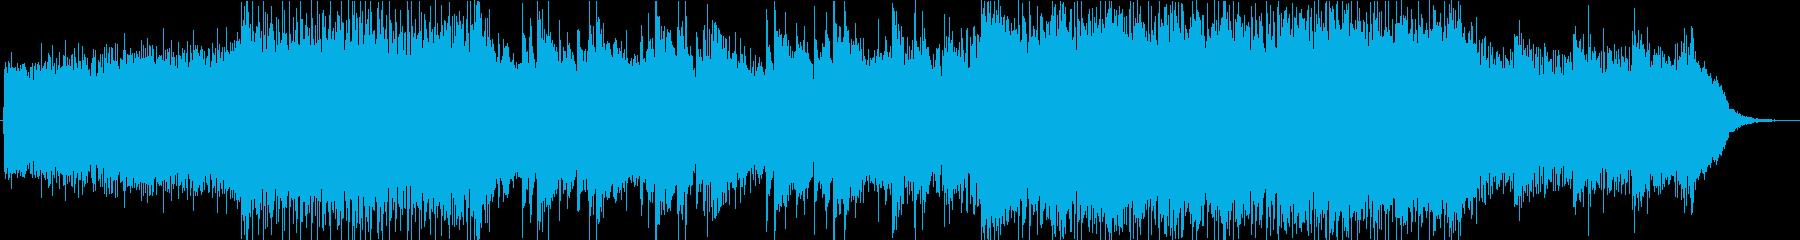 三味線の生演奏!壮大な和風エレクトロニカの再生済みの波形